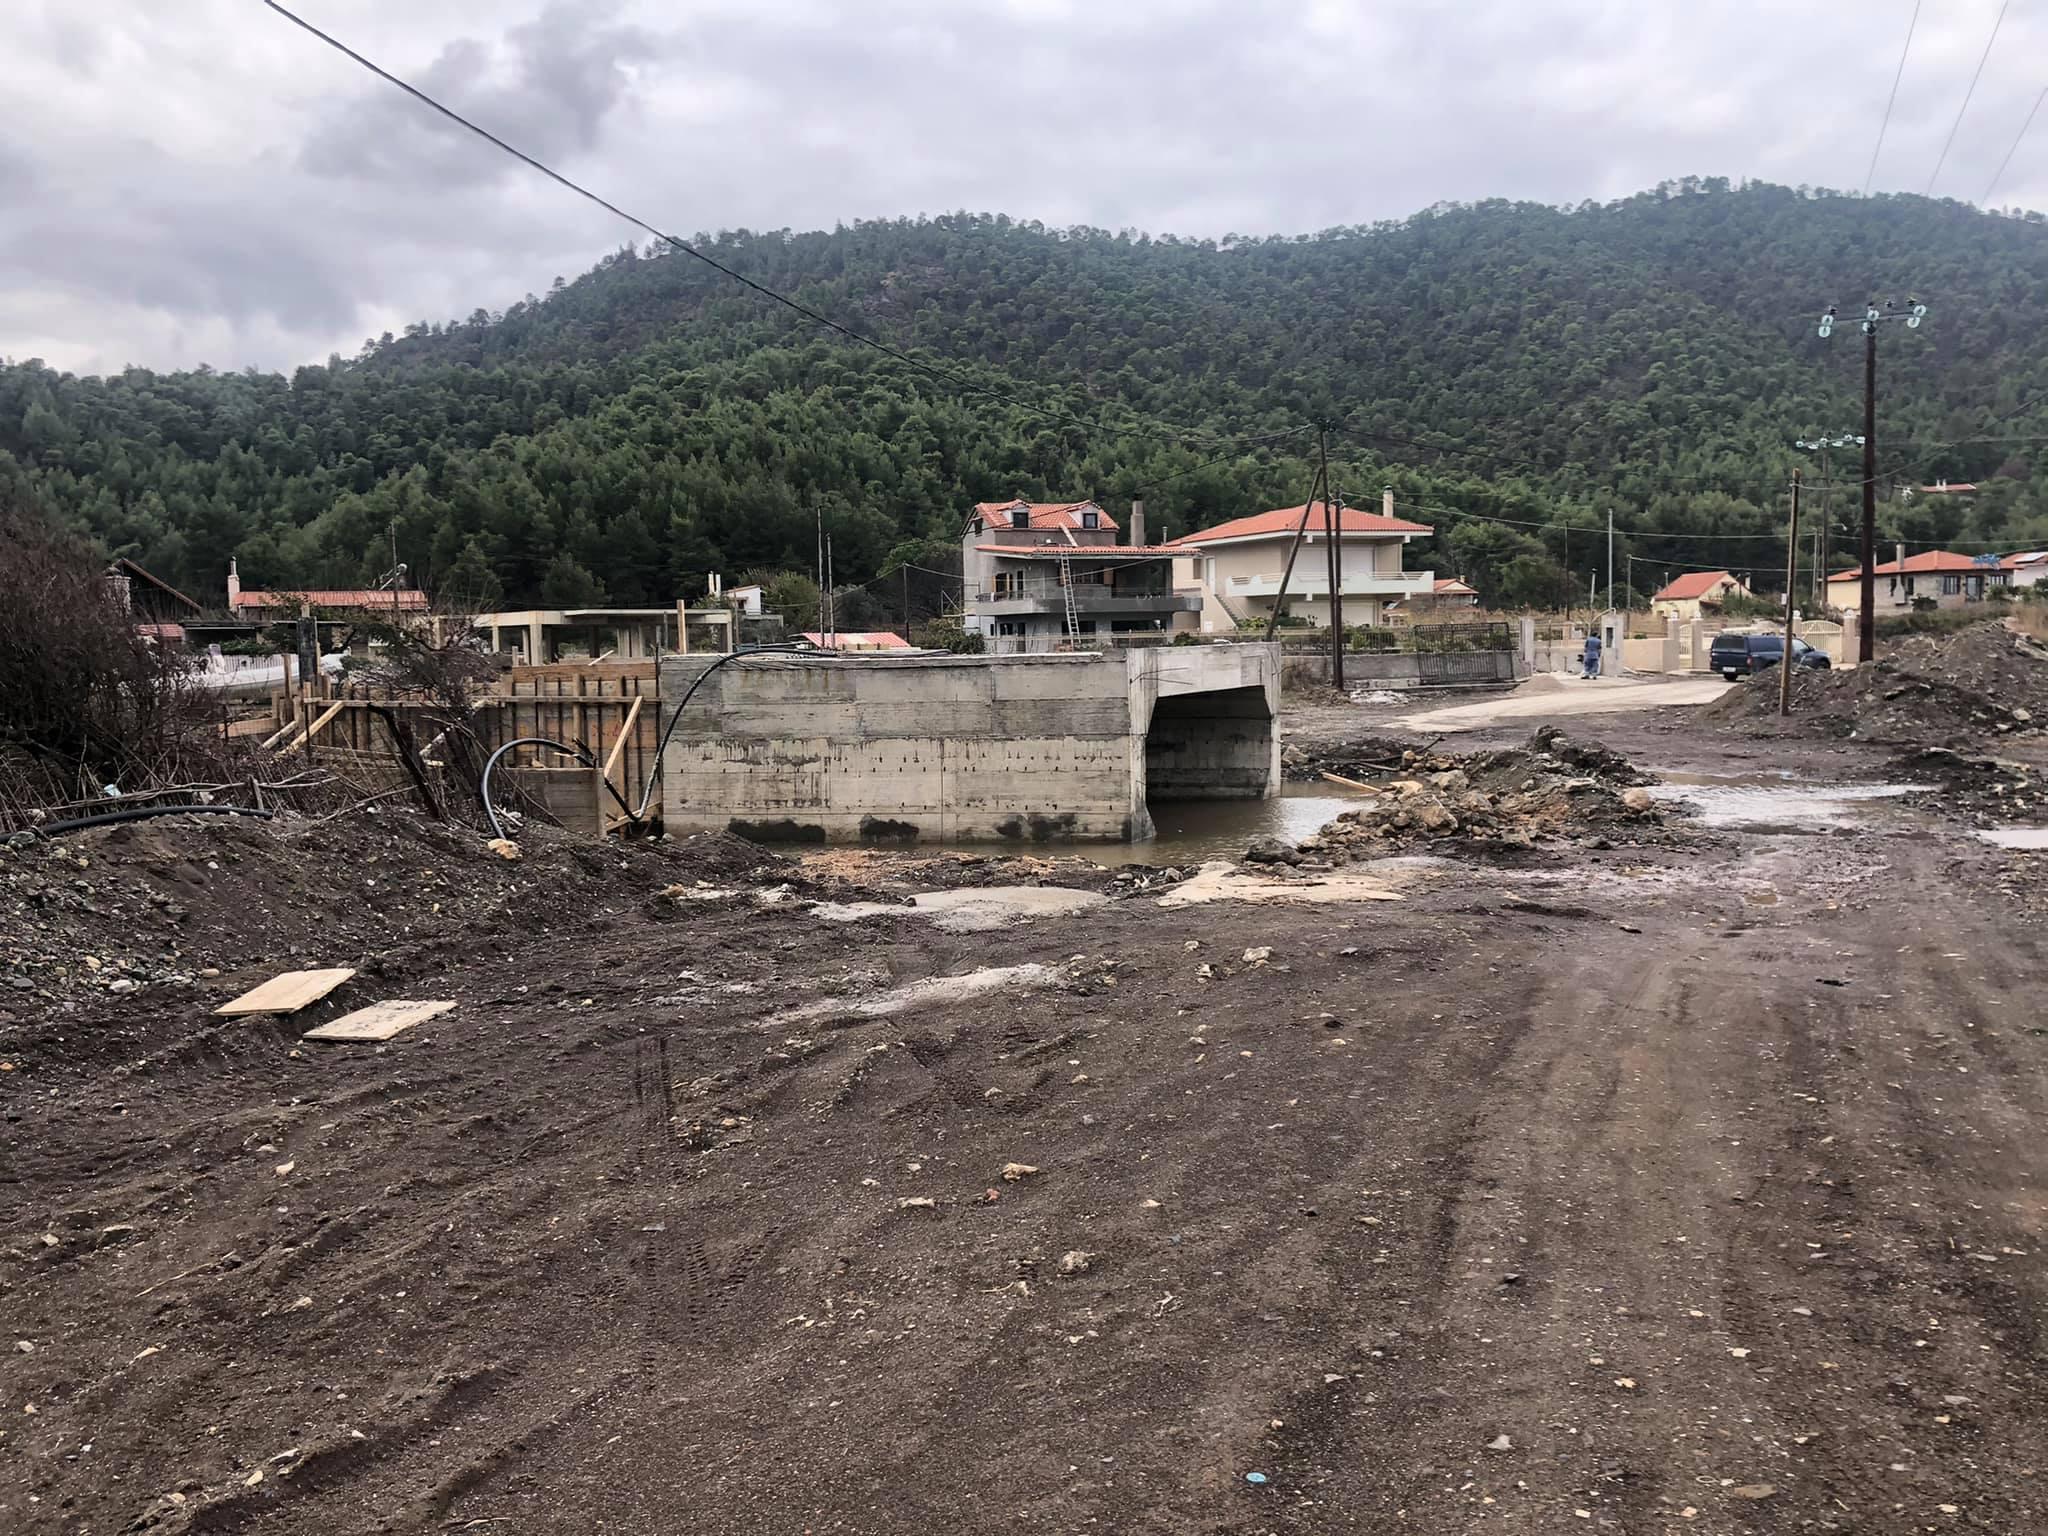 Β. Εύβοια: Συνεχίζονται τα έργα πνοής στο Πήλι του Δήμου Μαντουδίου Λίμνης Αγίας Άννας – Εικόνες